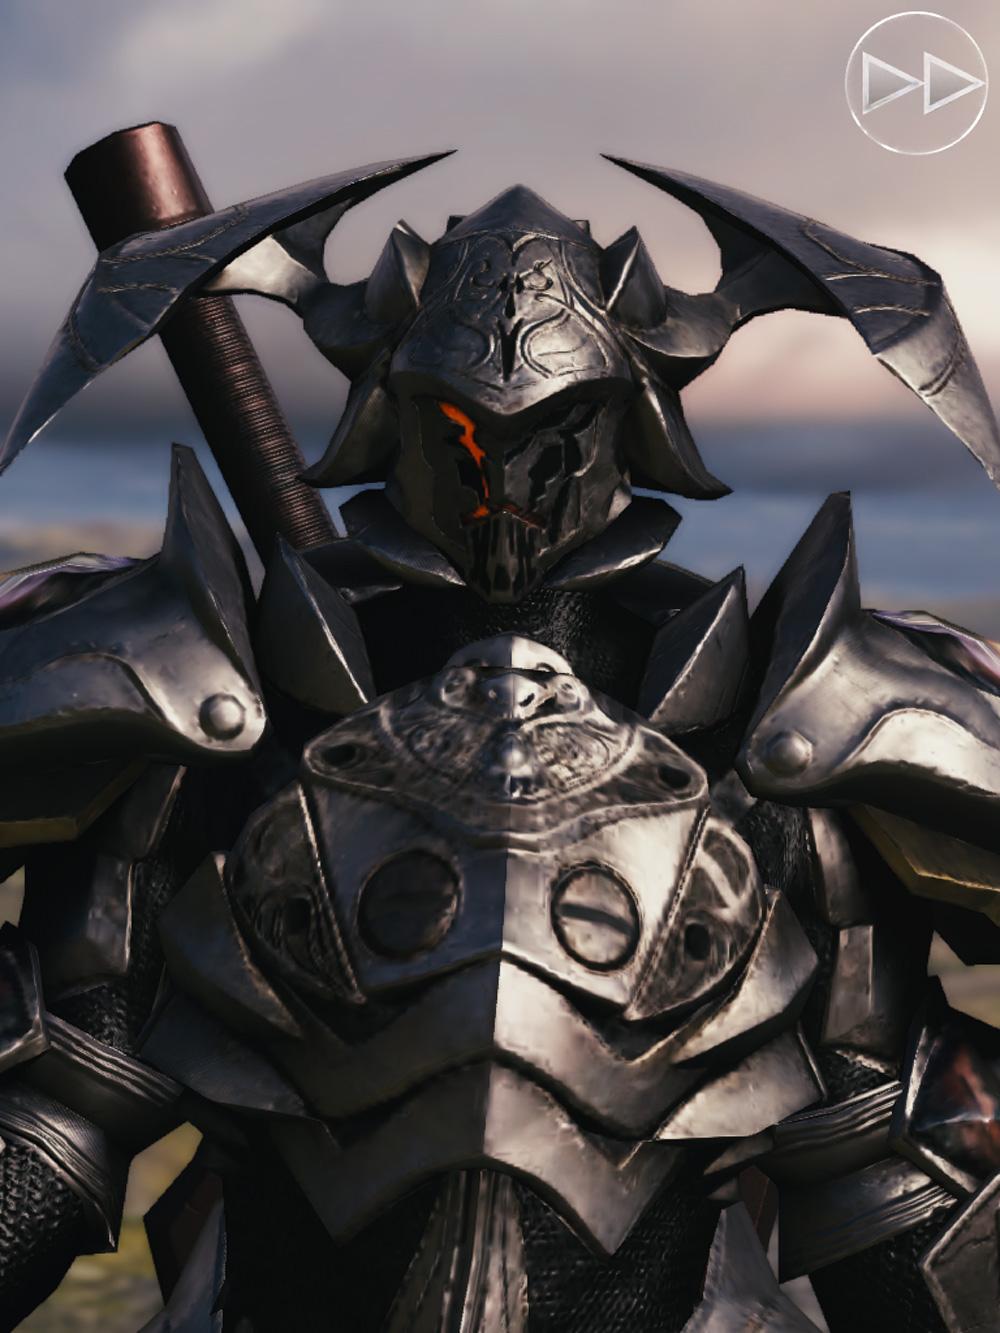 Mobius Final Fantasy Garland Koukoupuffs